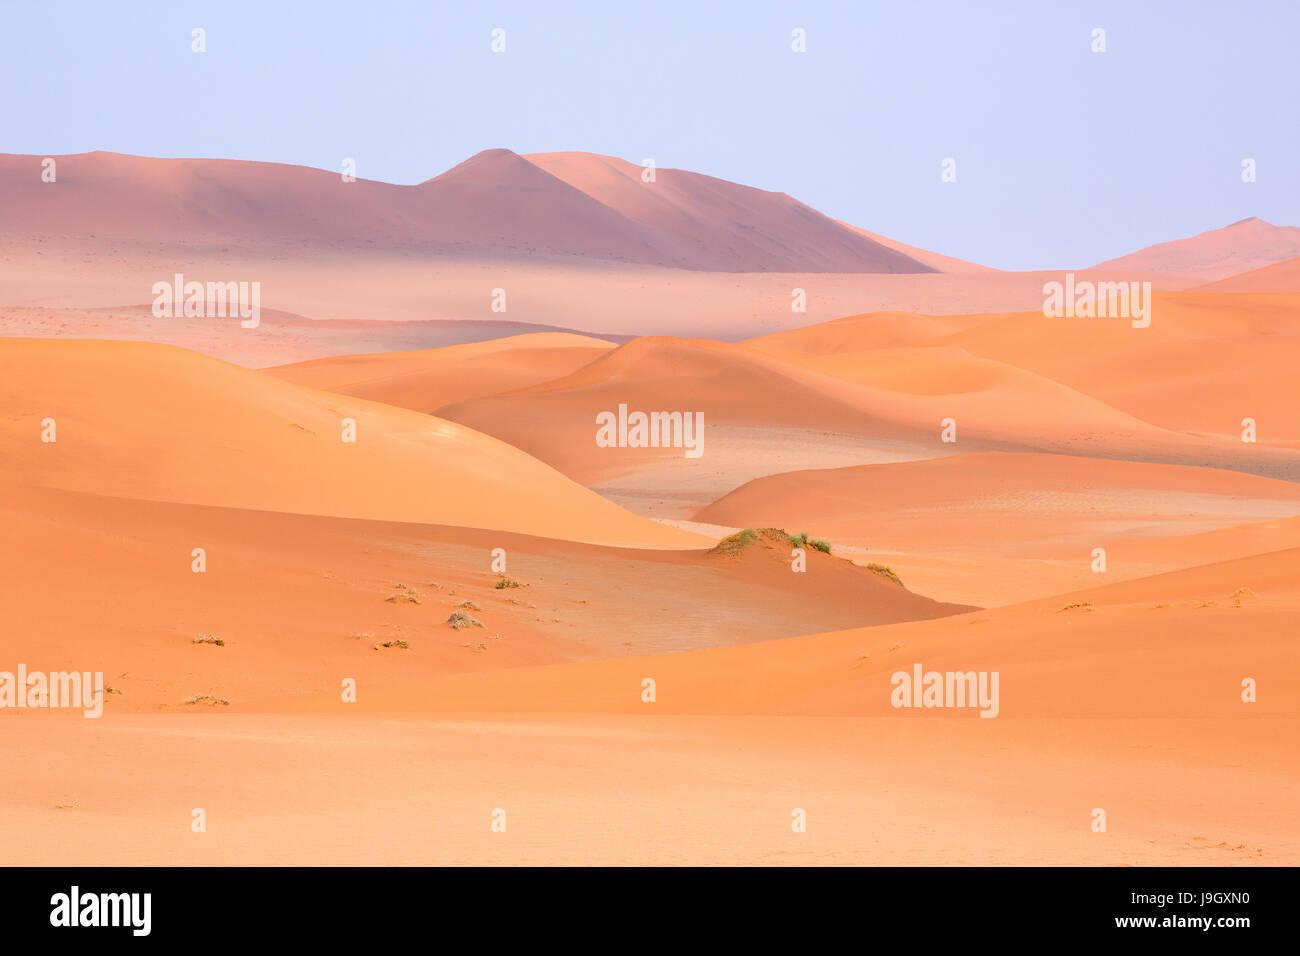 Le désert du Namib en Namibie, Afrique Banque D'Images